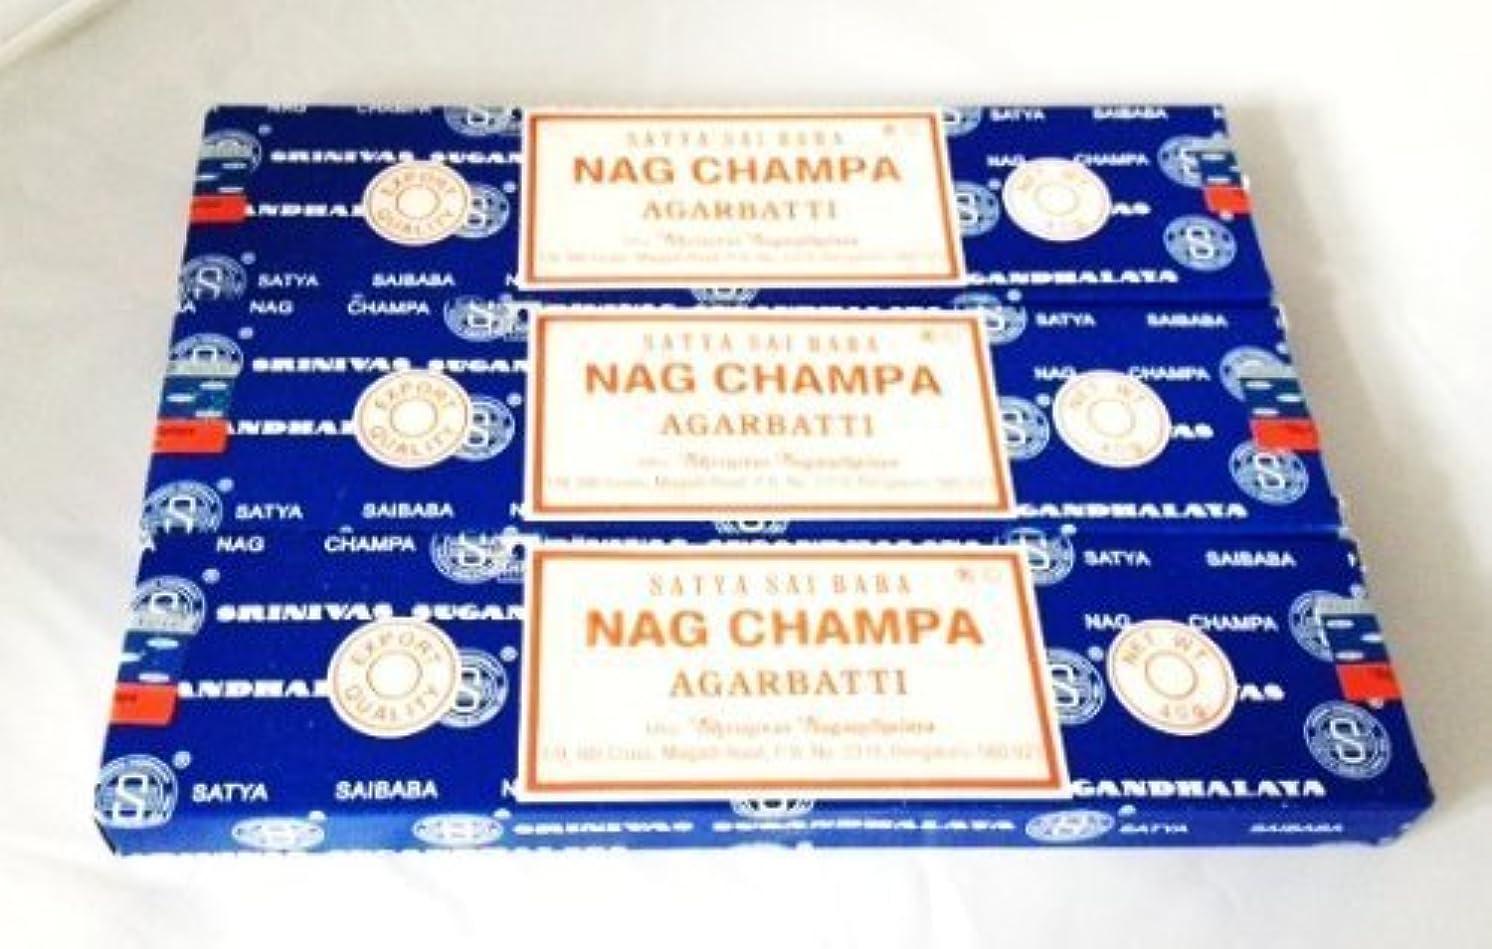 疑問を超えて宇宙船ロールSatya Nag Champa Incense Sticks 40 Gram 3 Pack by Satya [並行輸入品]